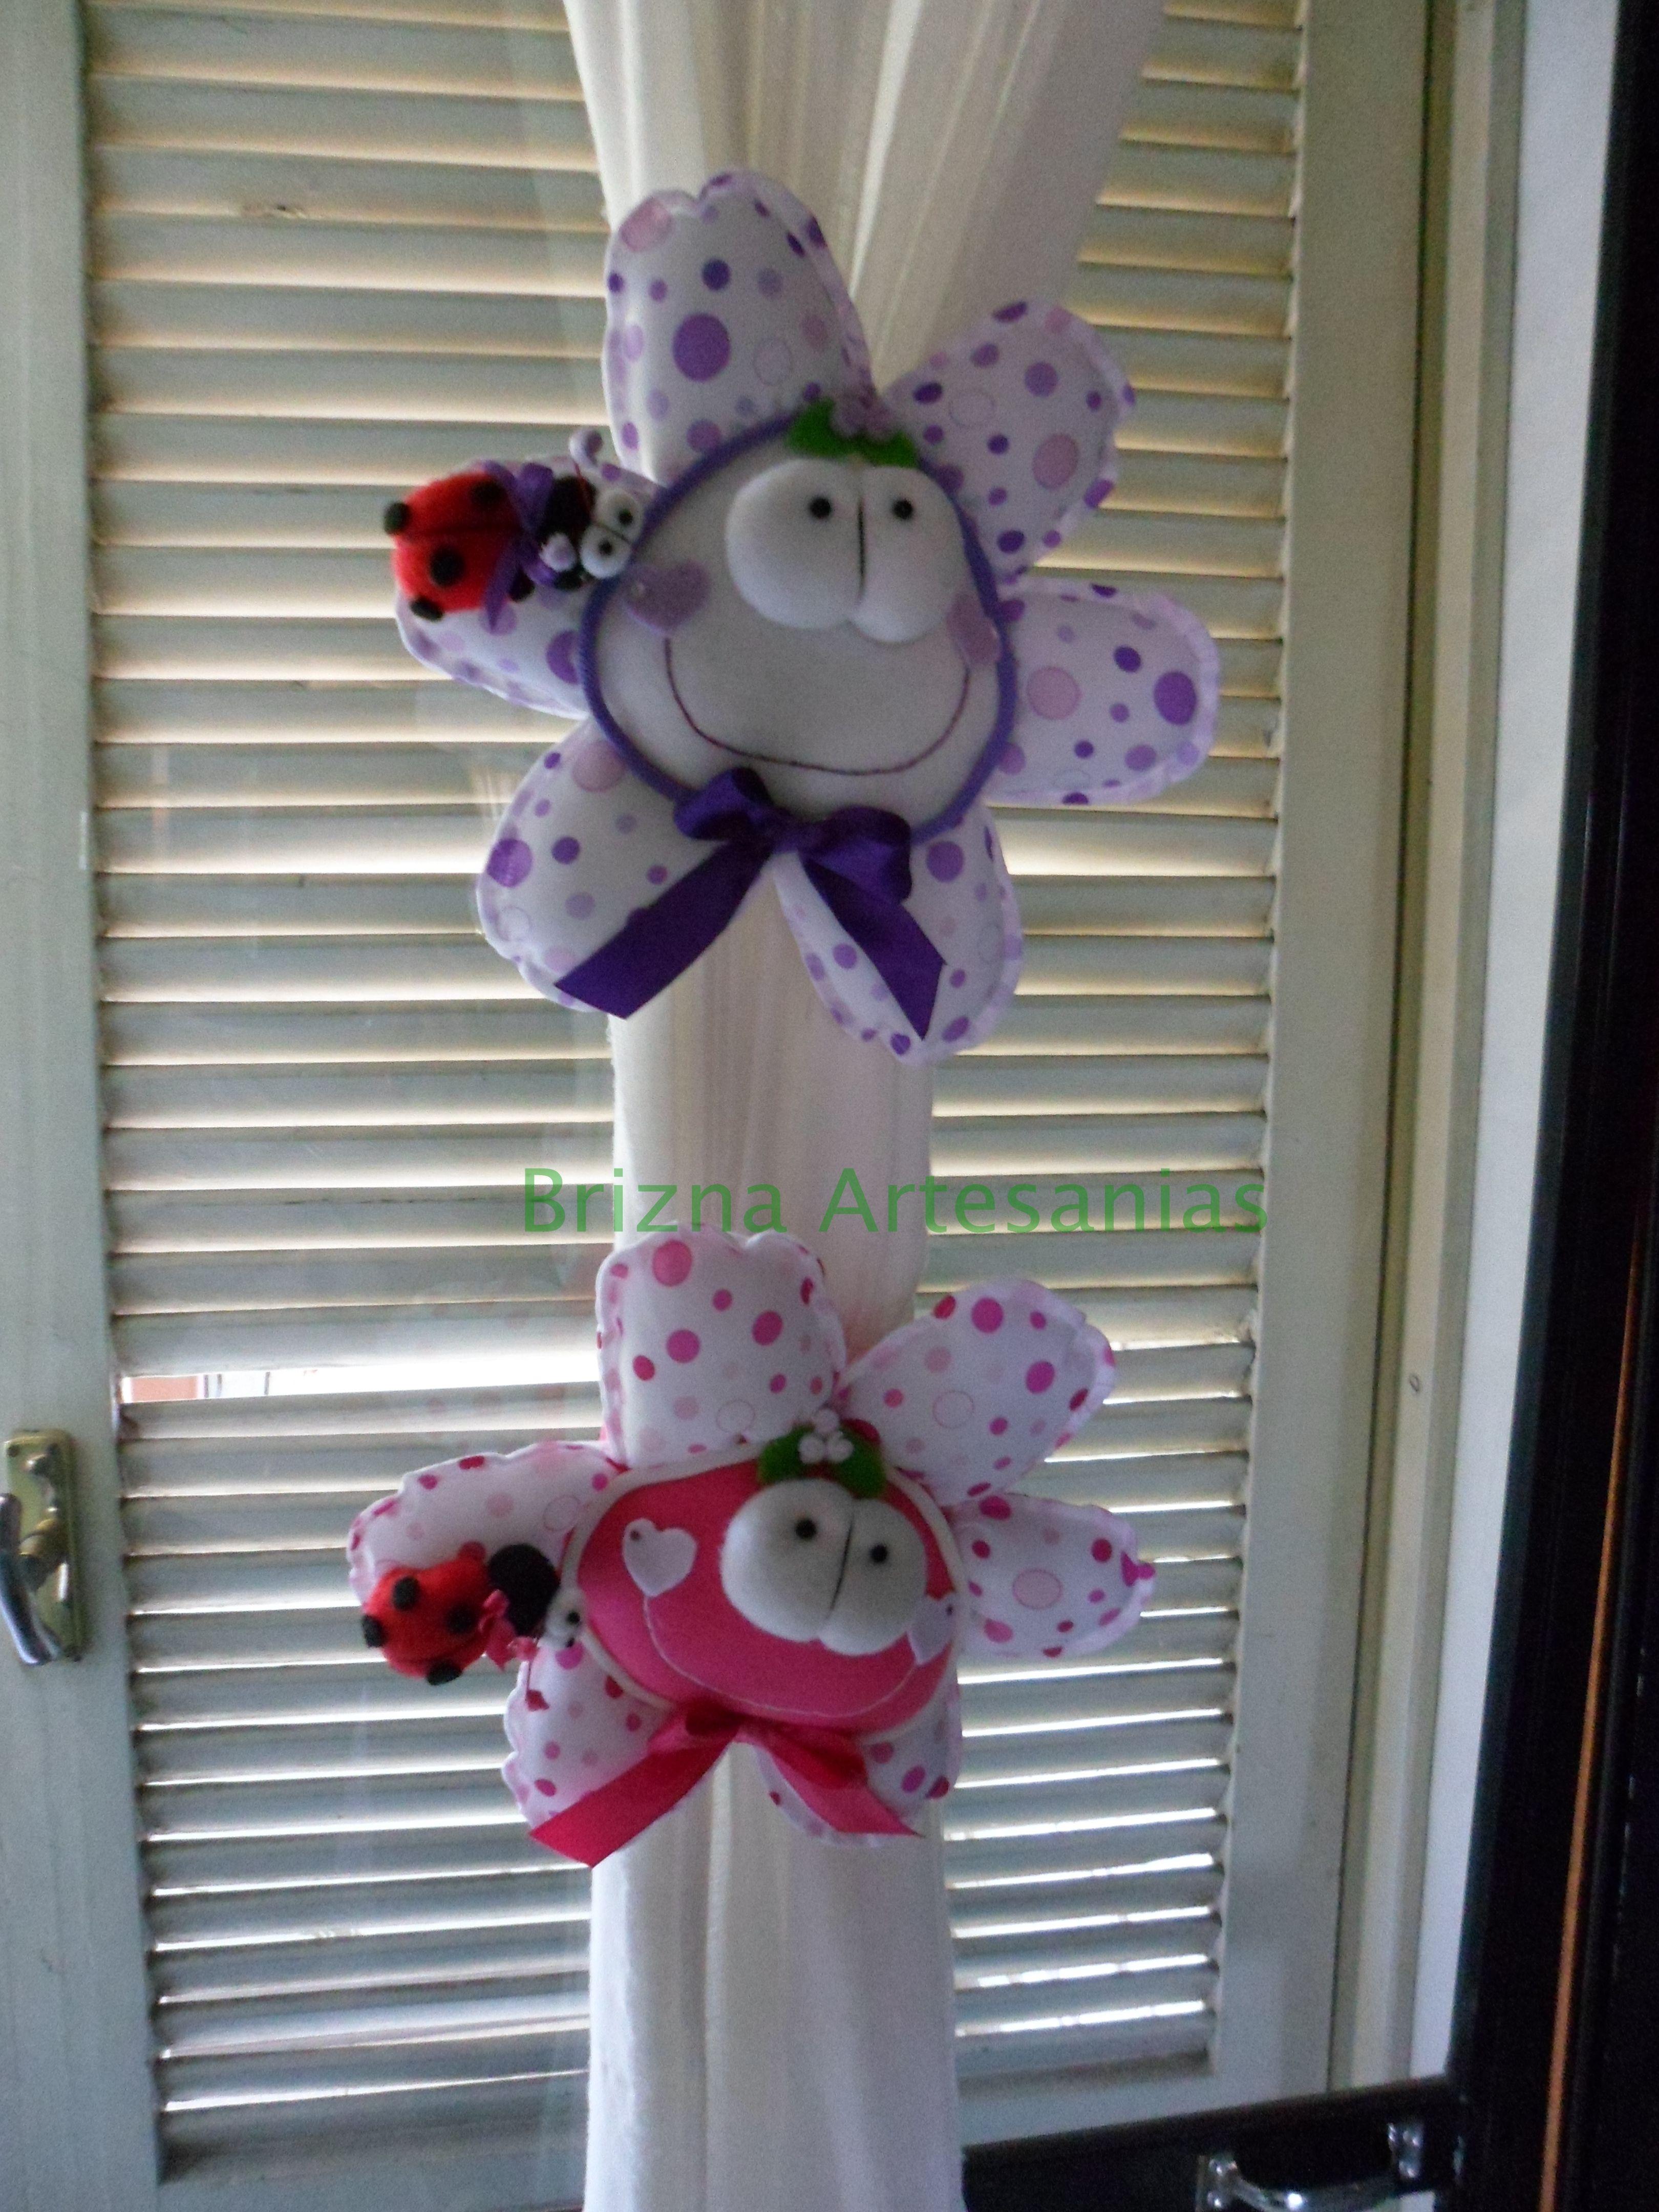 Flores tambien como sujeta cortinas para las habitaciones - Tela cortinas infantiles ...